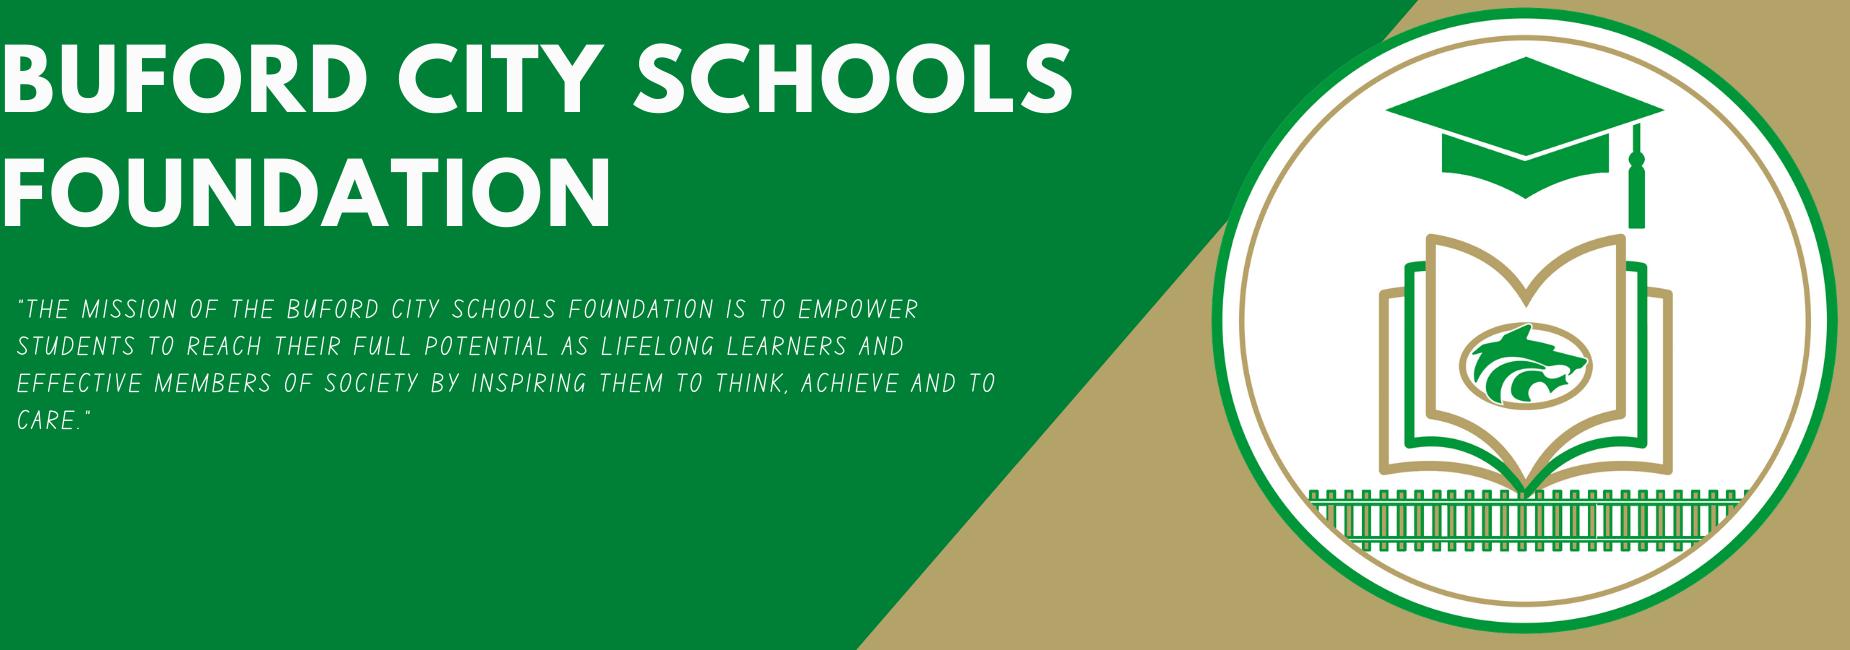 Buford City Schools Foundation Logo